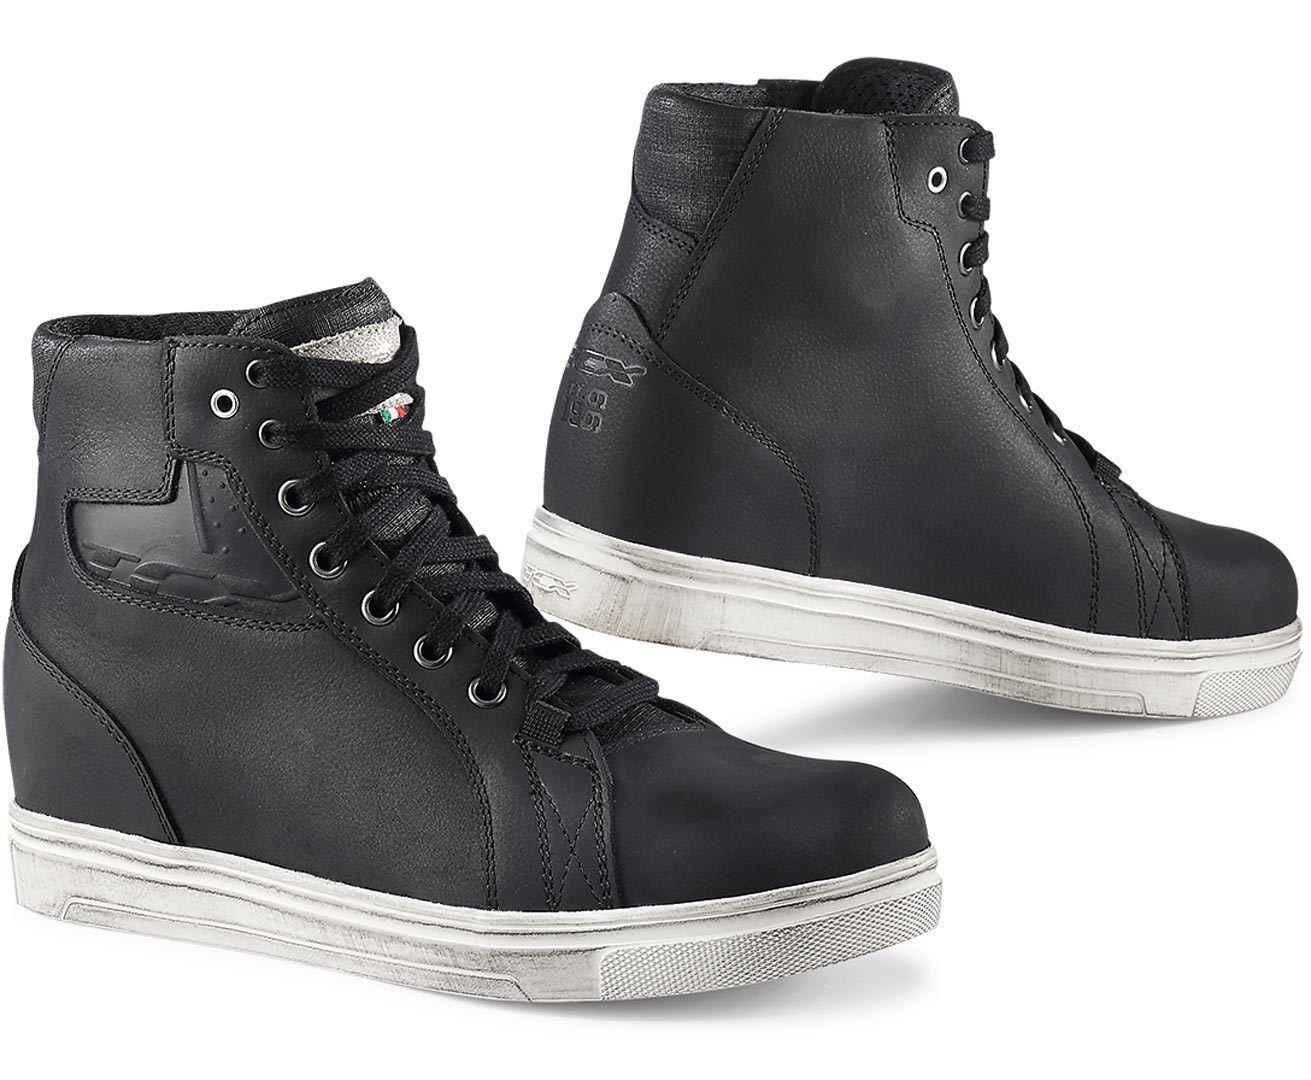 TCX Street Ace waterproof Ladies Motorcycle Shoes Black 37